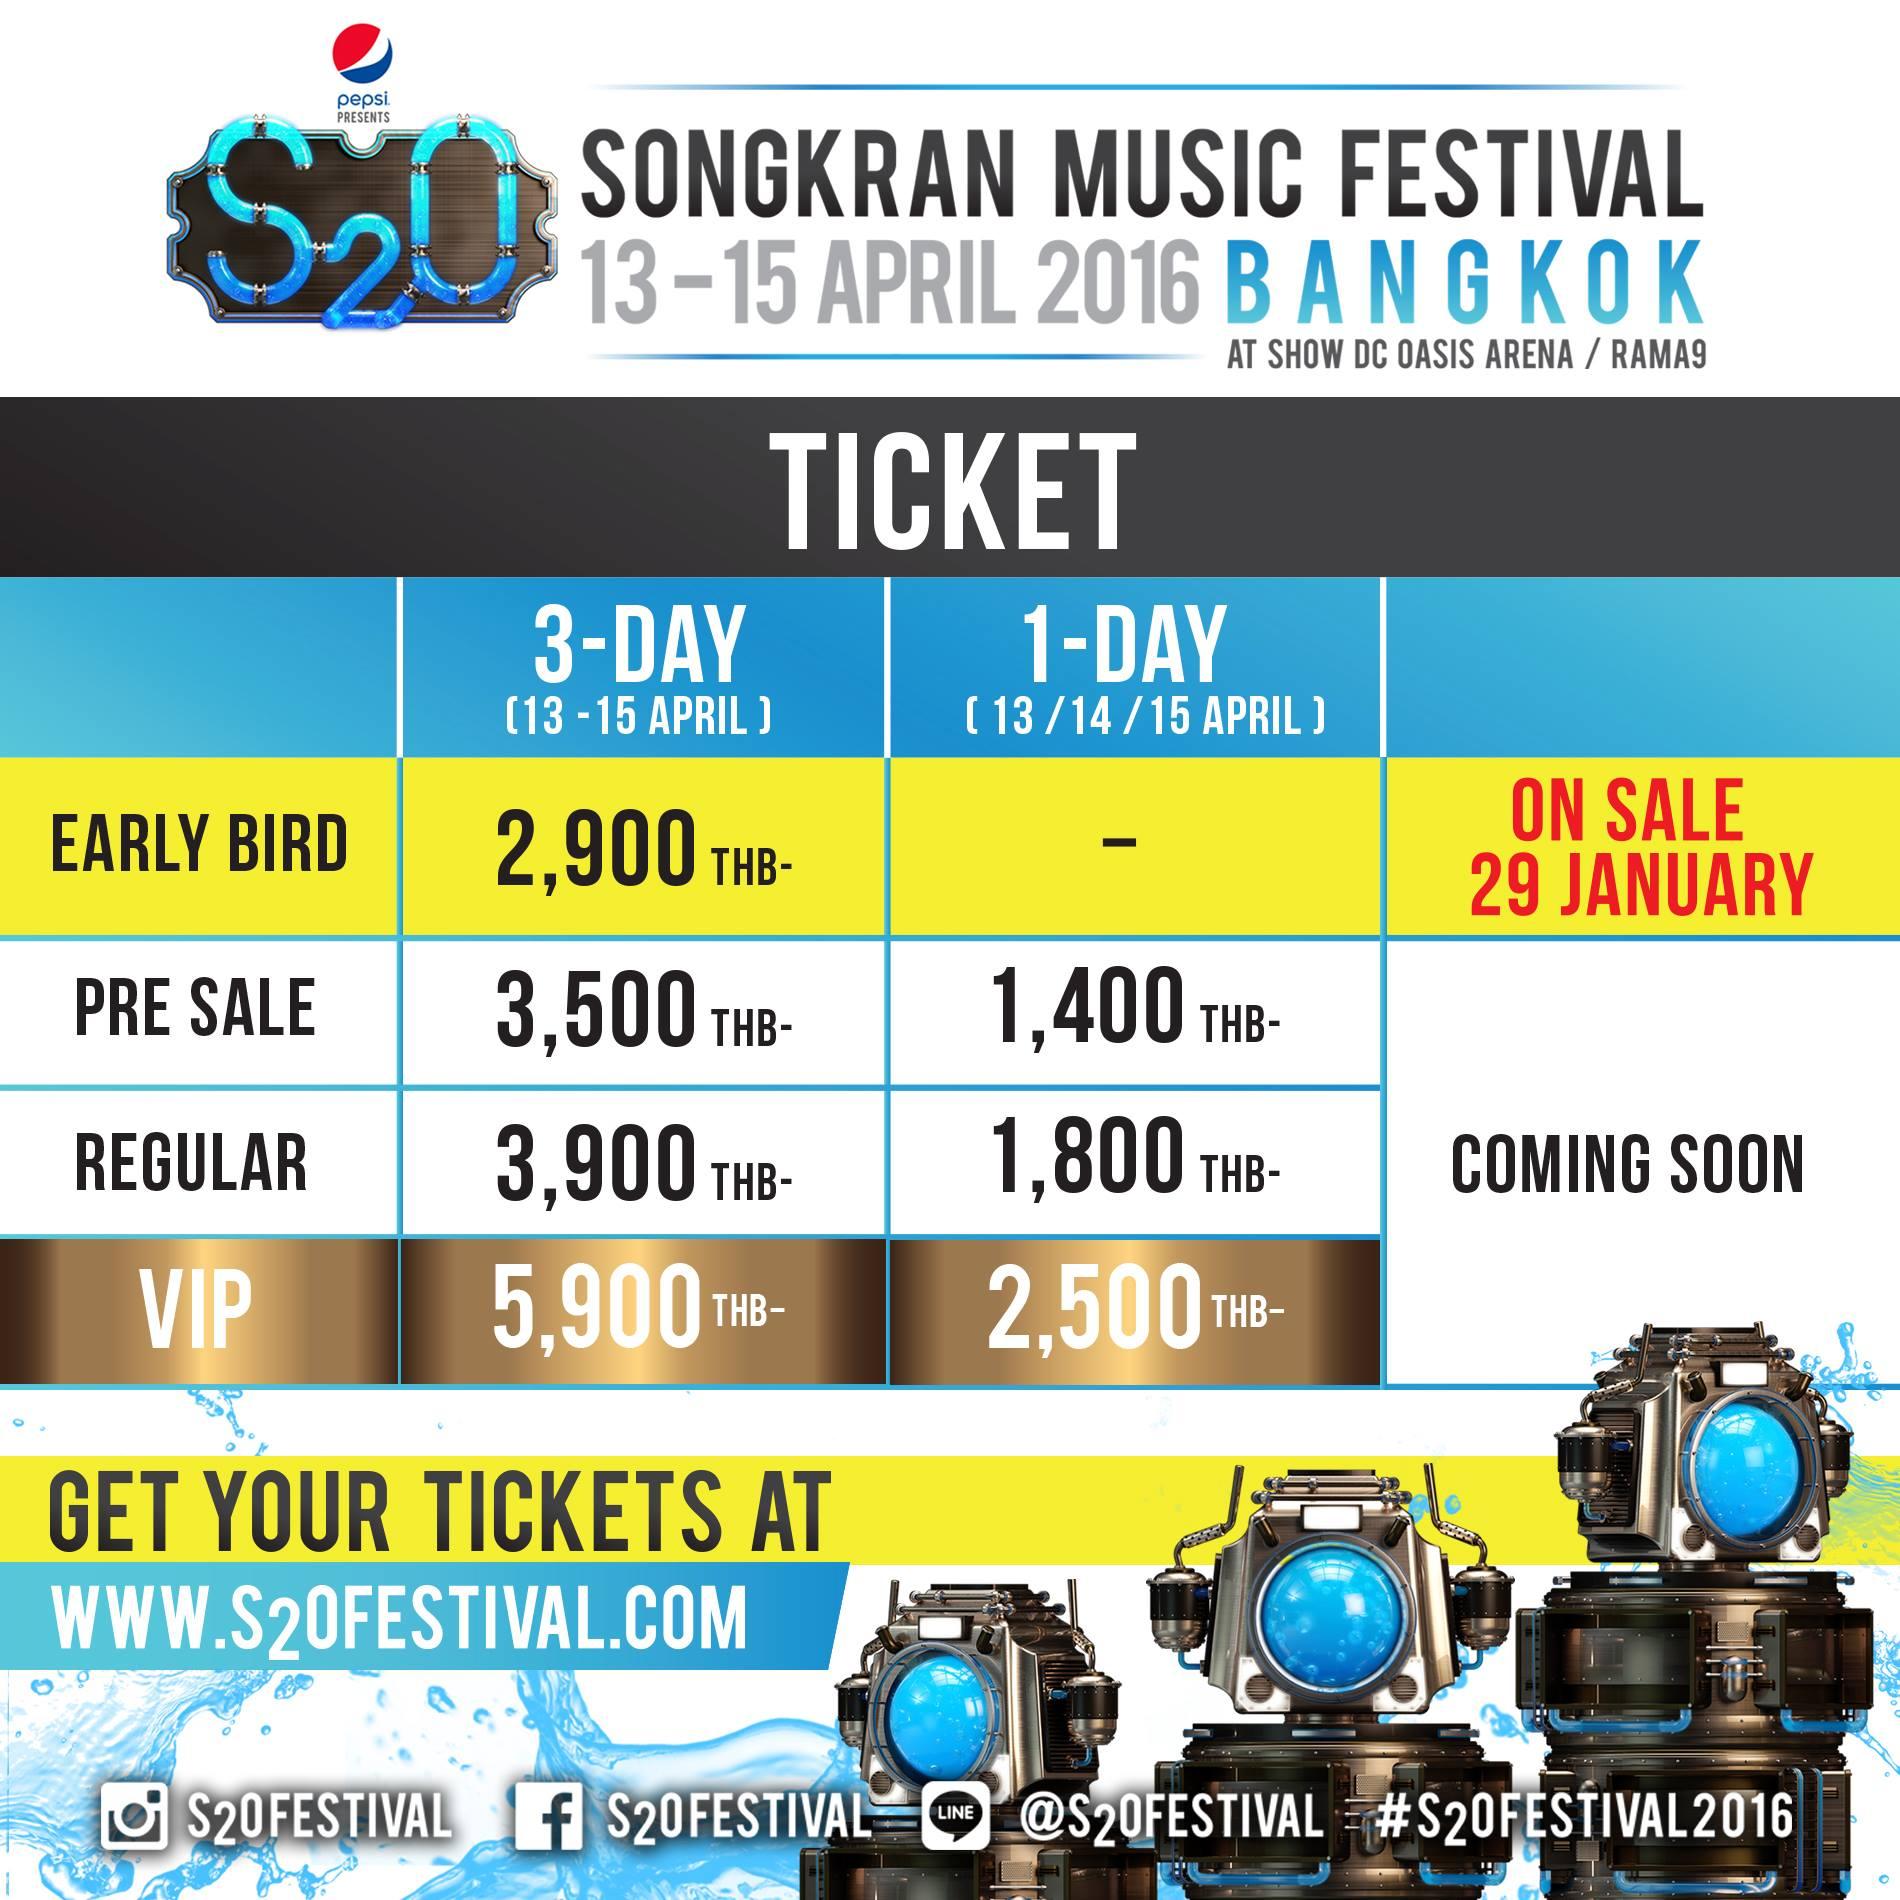 Songkran Music Festival